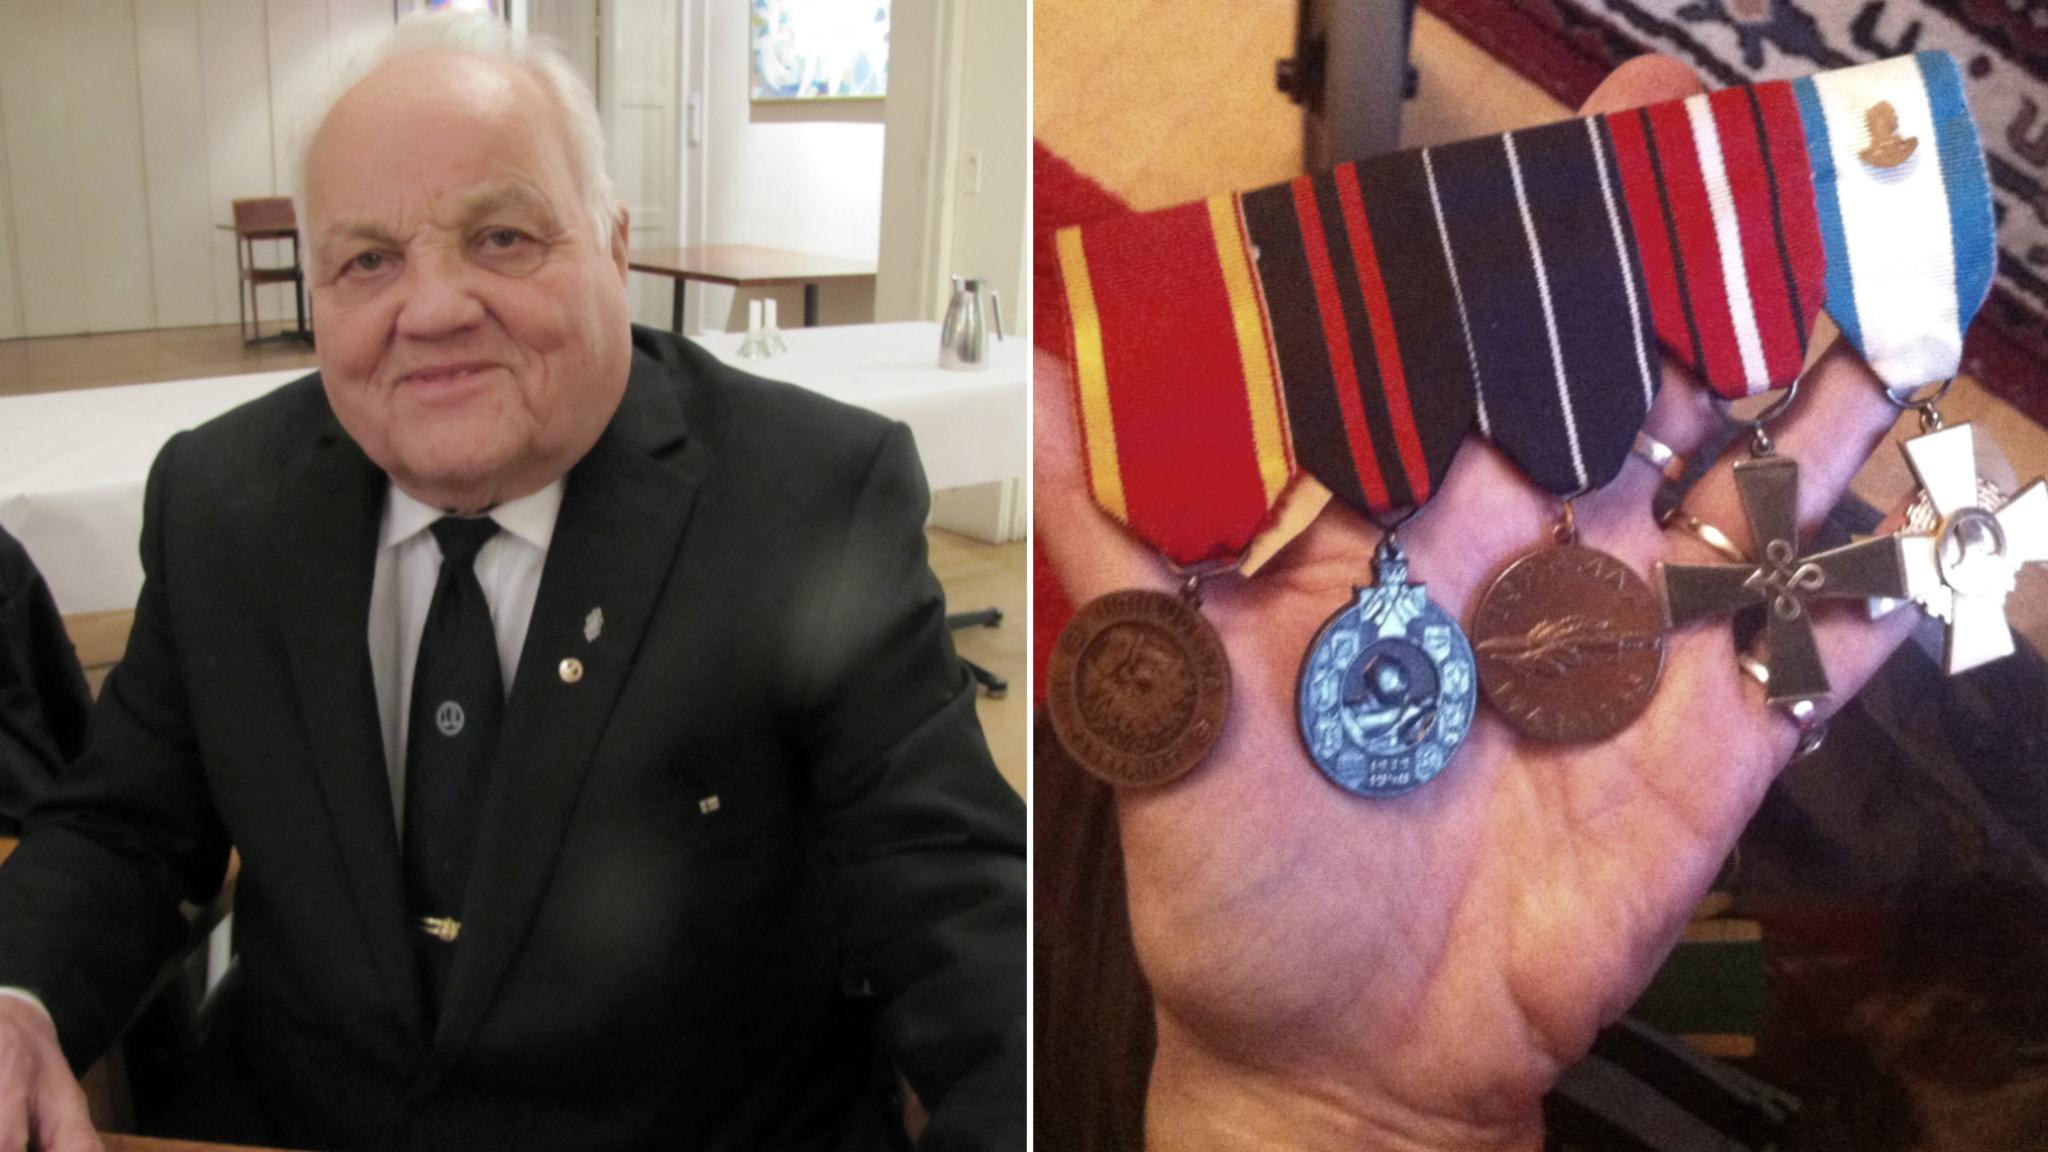 Jatkosodan veteraani Aapo Knaapi: Kranaatinsirpale muistona leuassa